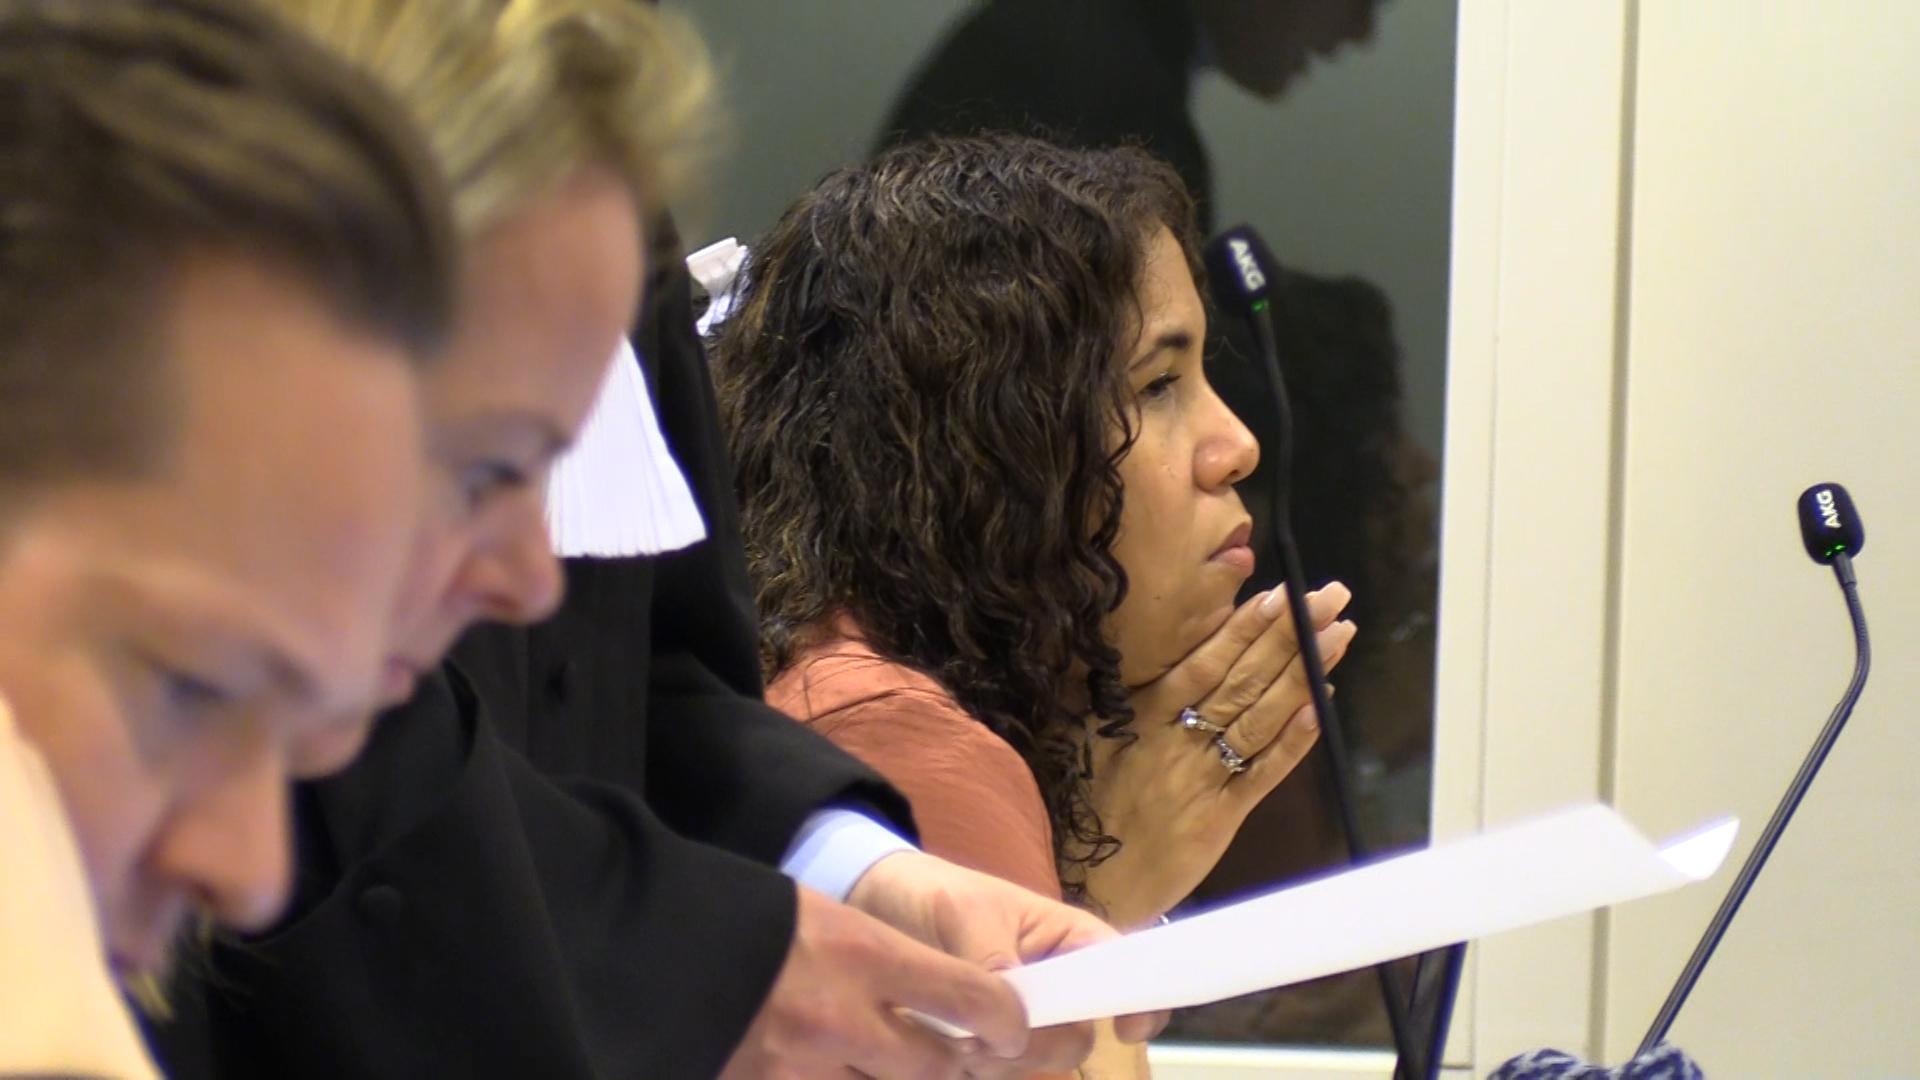 NTR | Familie Henriquez tijdens hoger beroep: 'Is er meer gebeurd in dat busje?'